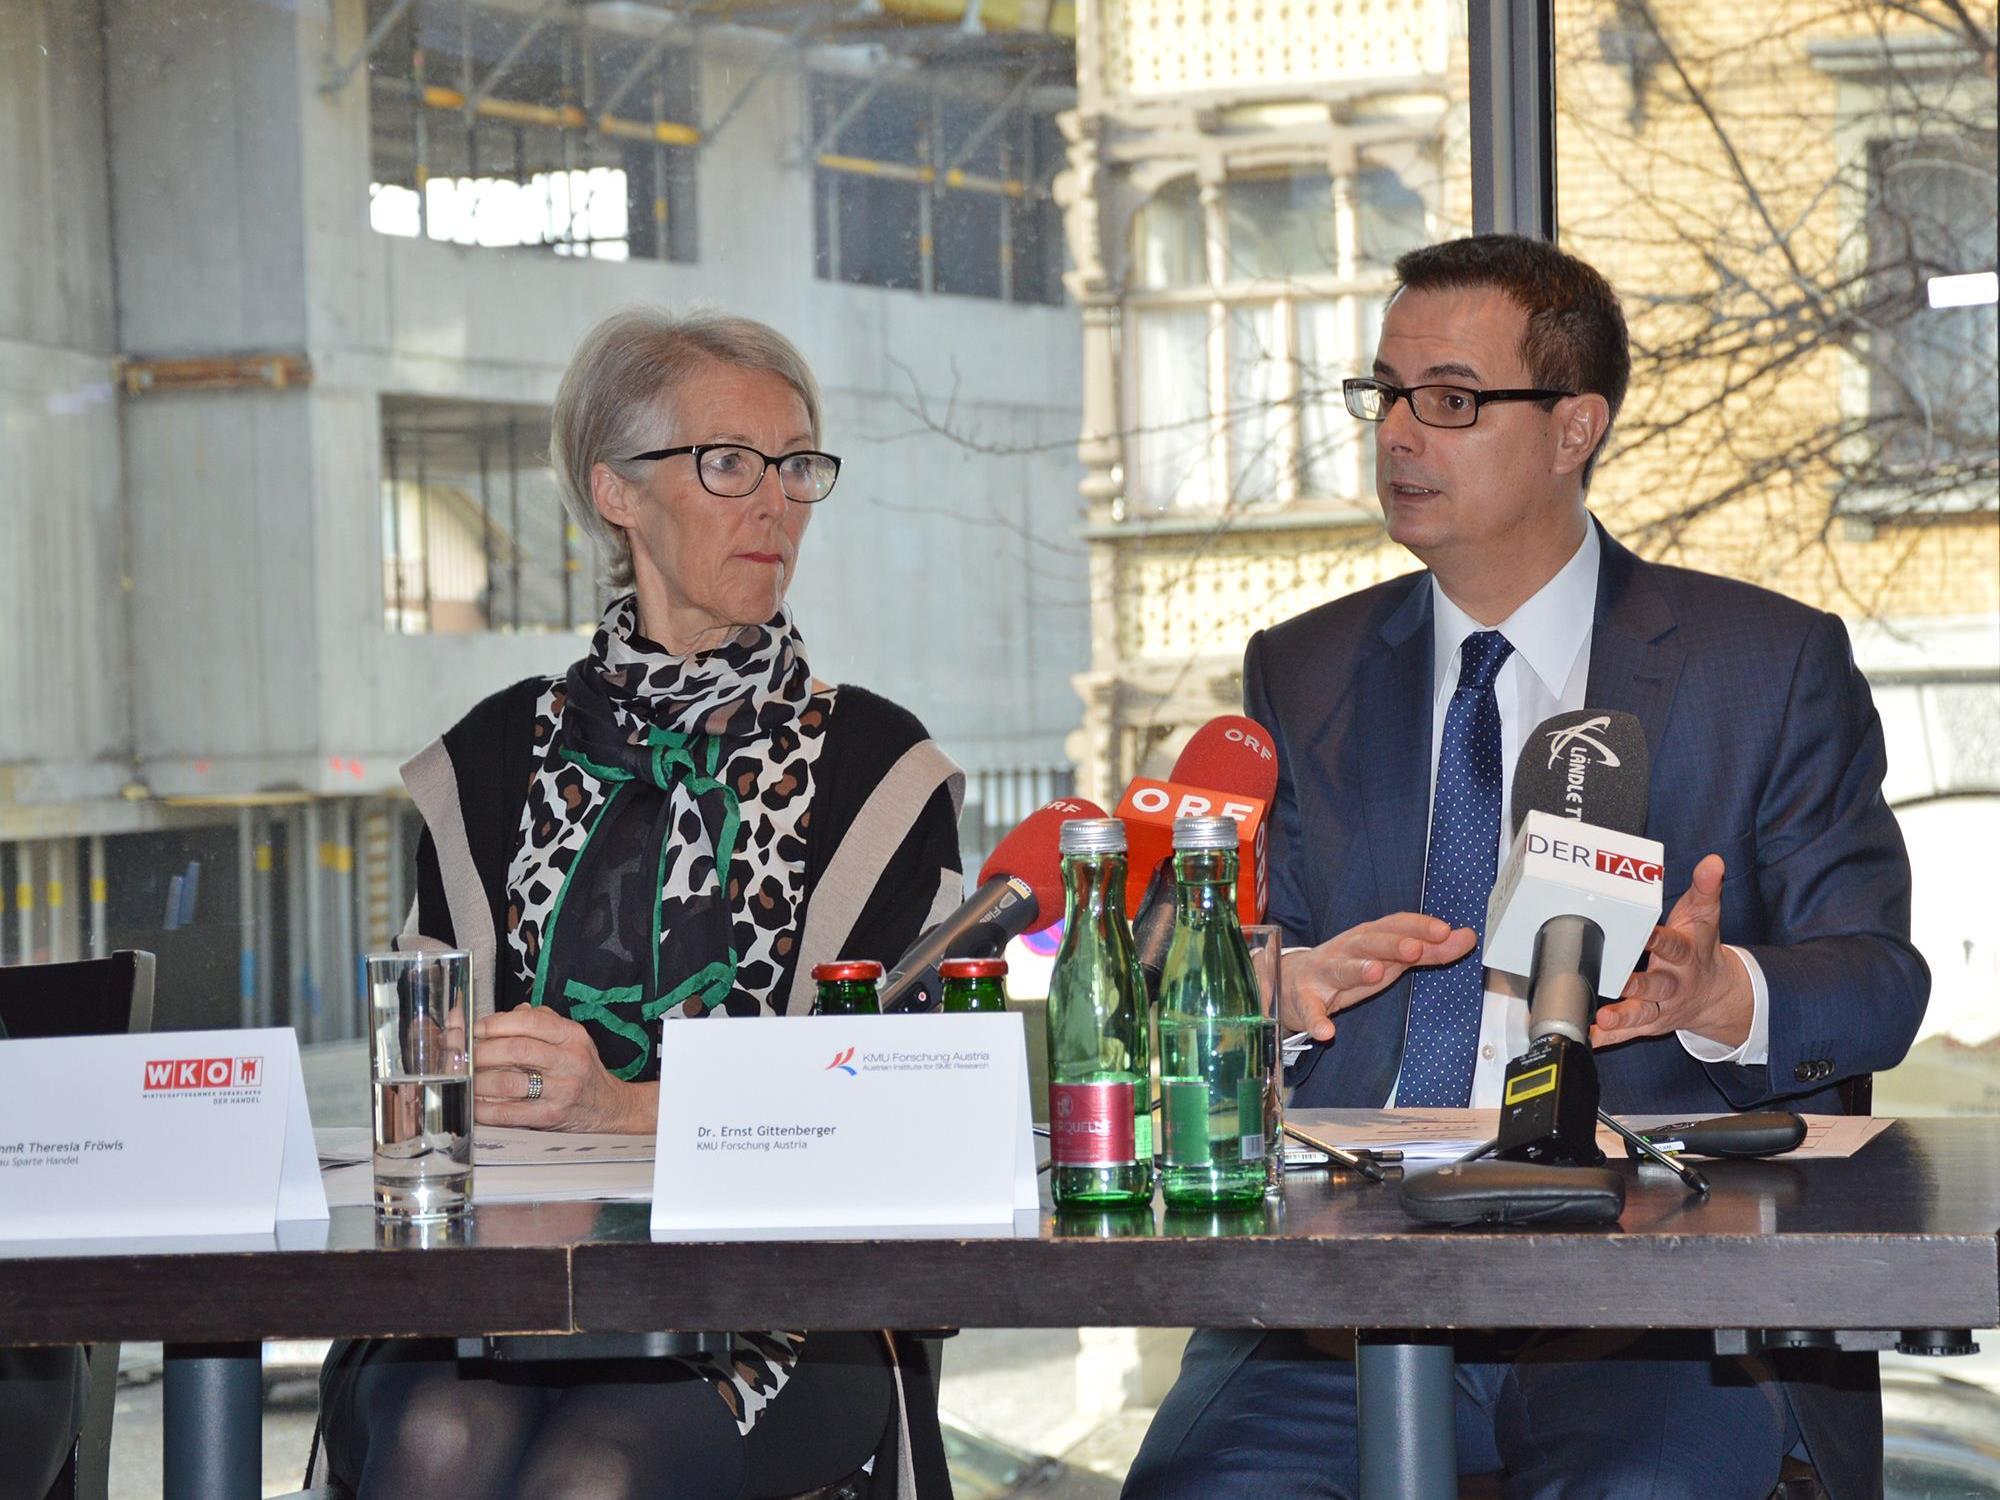 Theresia Fröwis und Ernst Gittenberger stellen die Jahresbilanz des Vorarlberger Einzelhandels vor.